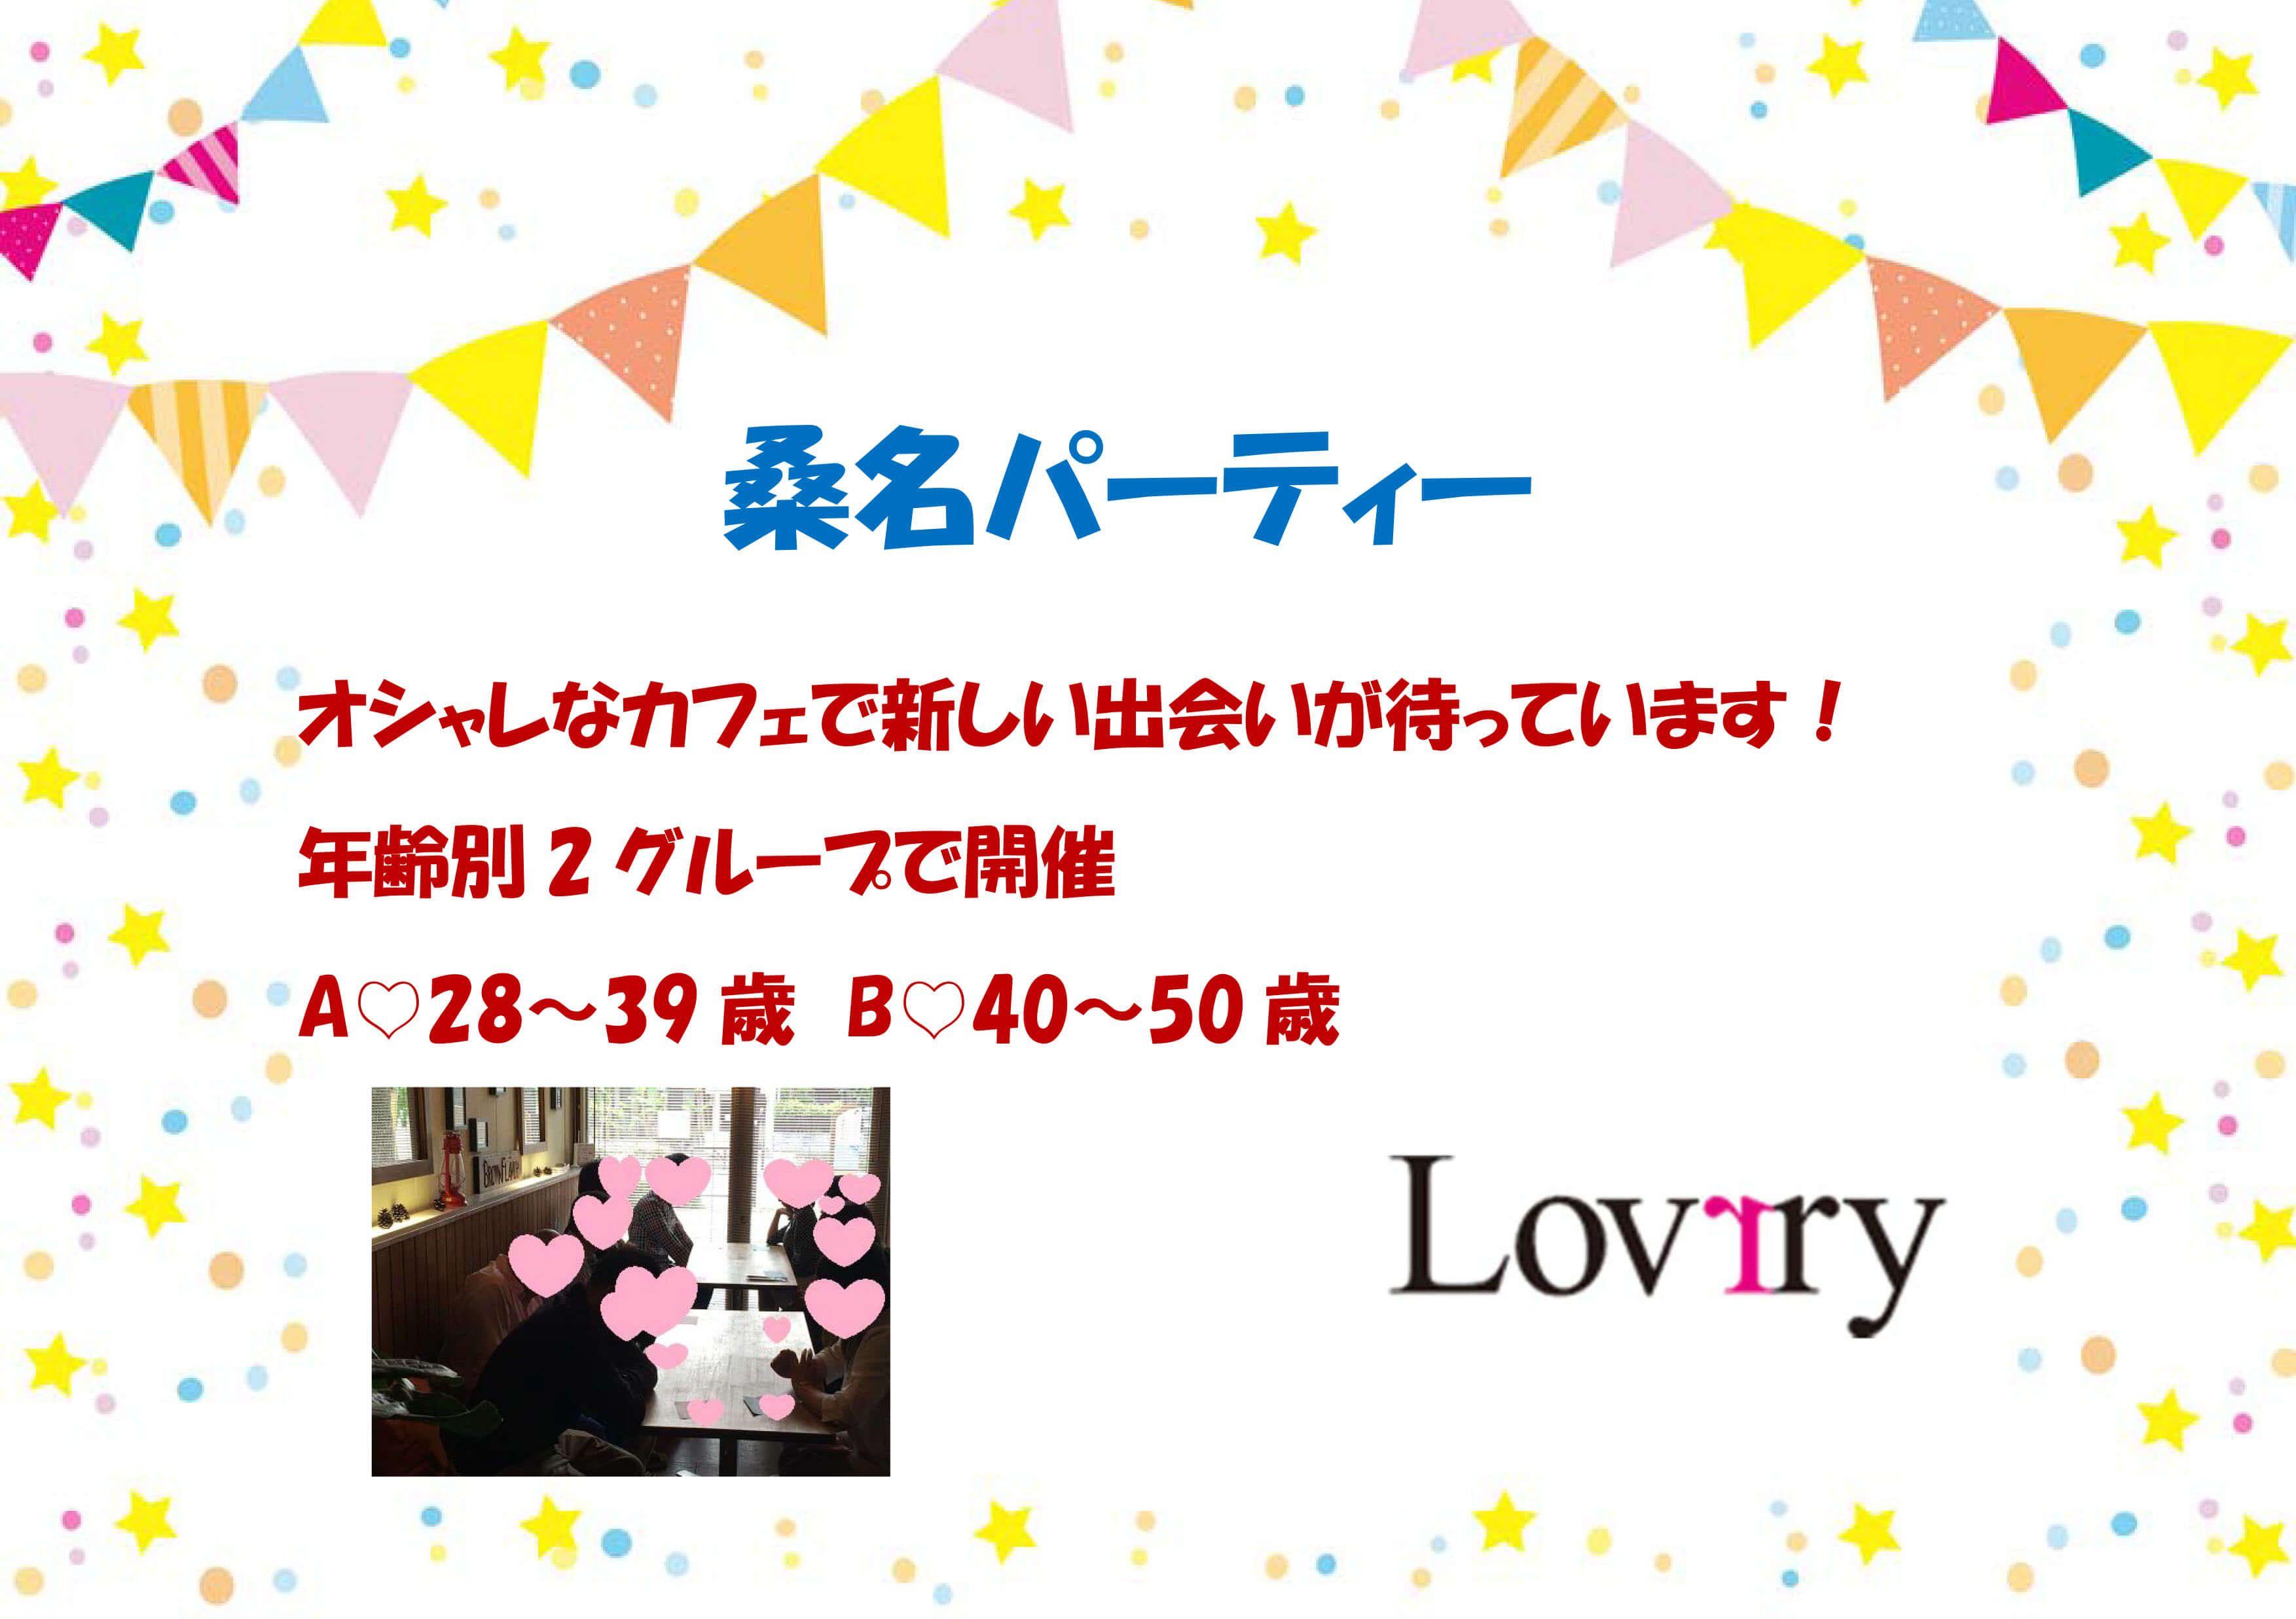 2/12【40~50歳】桑名!人気のお店で素敵な出会い!!参加費リーズナブル